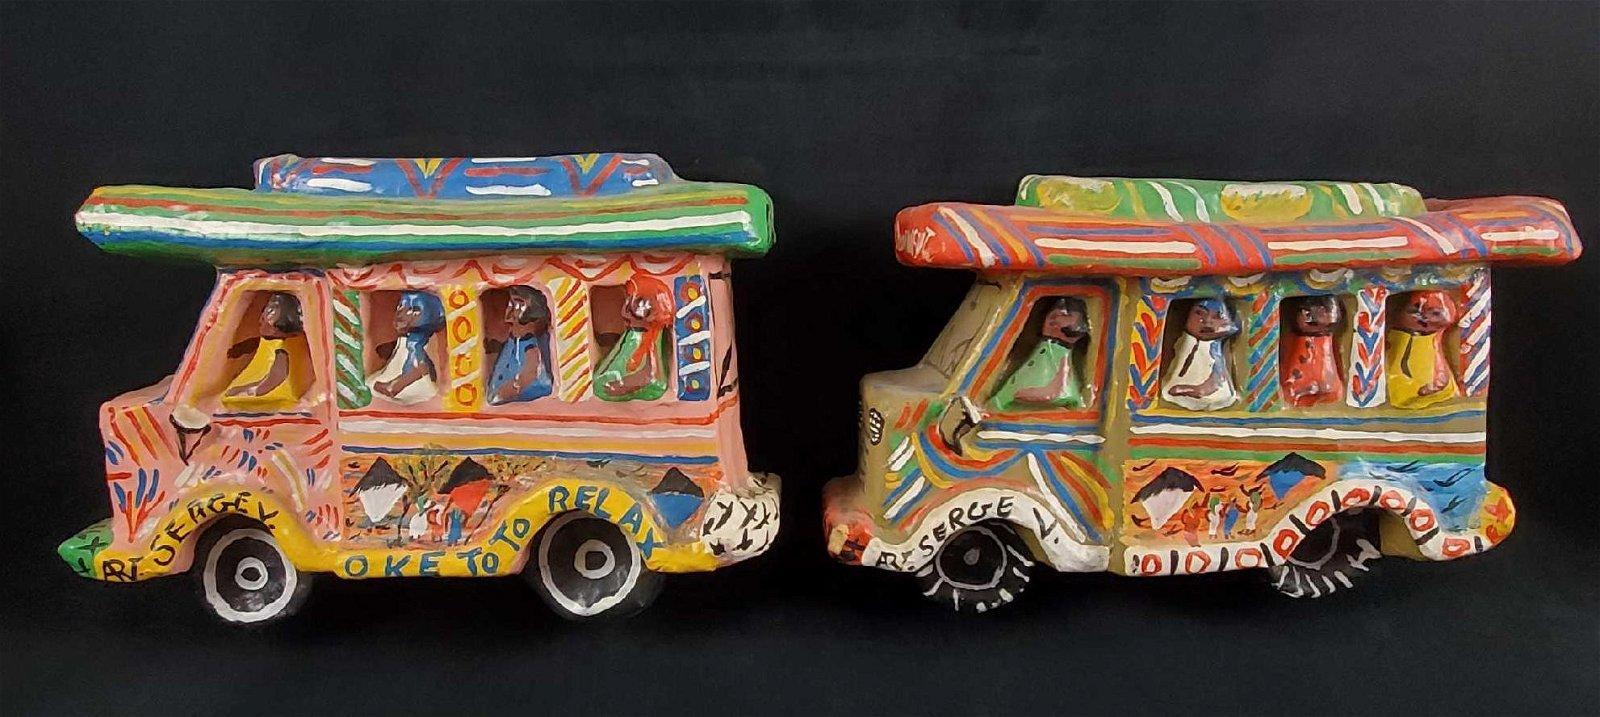 Folk Art Paper Mache Haitian Buses by R Serge